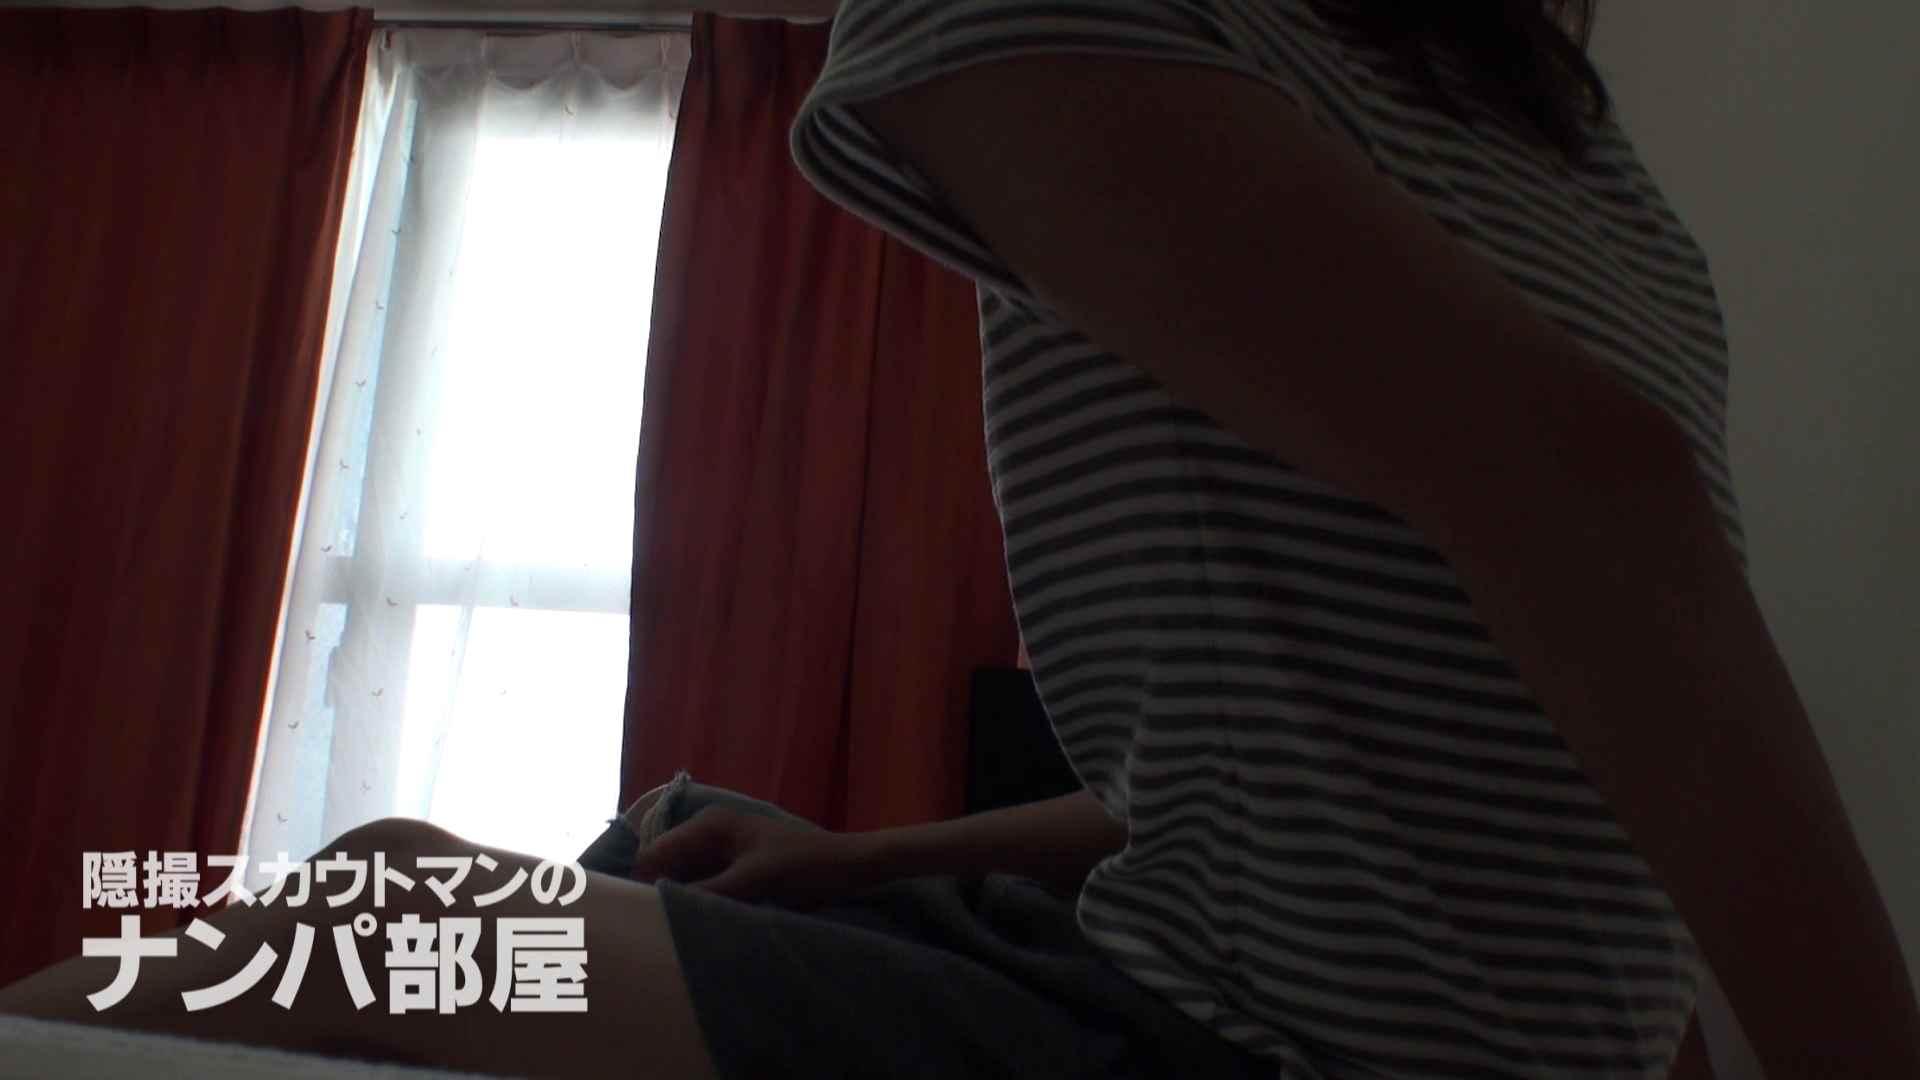 隠撮スカウトマンのナンパ部屋~風俗デビュー前のつまみ食い~ siivol.3 隠撮 | SEXプレイ  105連発 53